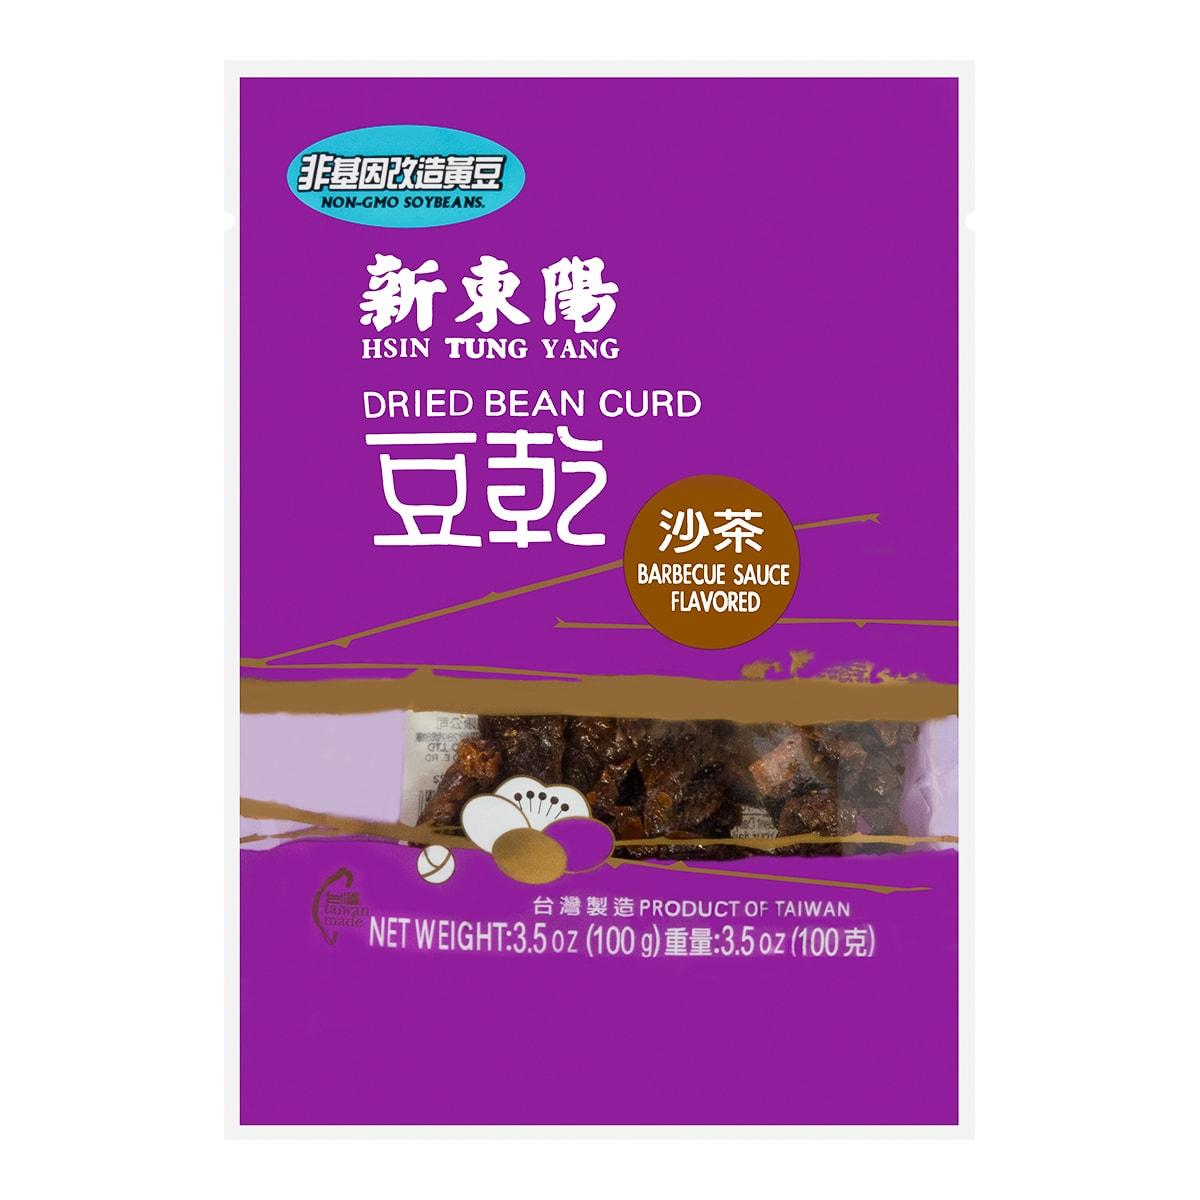 台湾新东阳 沙茶豆干 非基因改造黄豆使用 100g